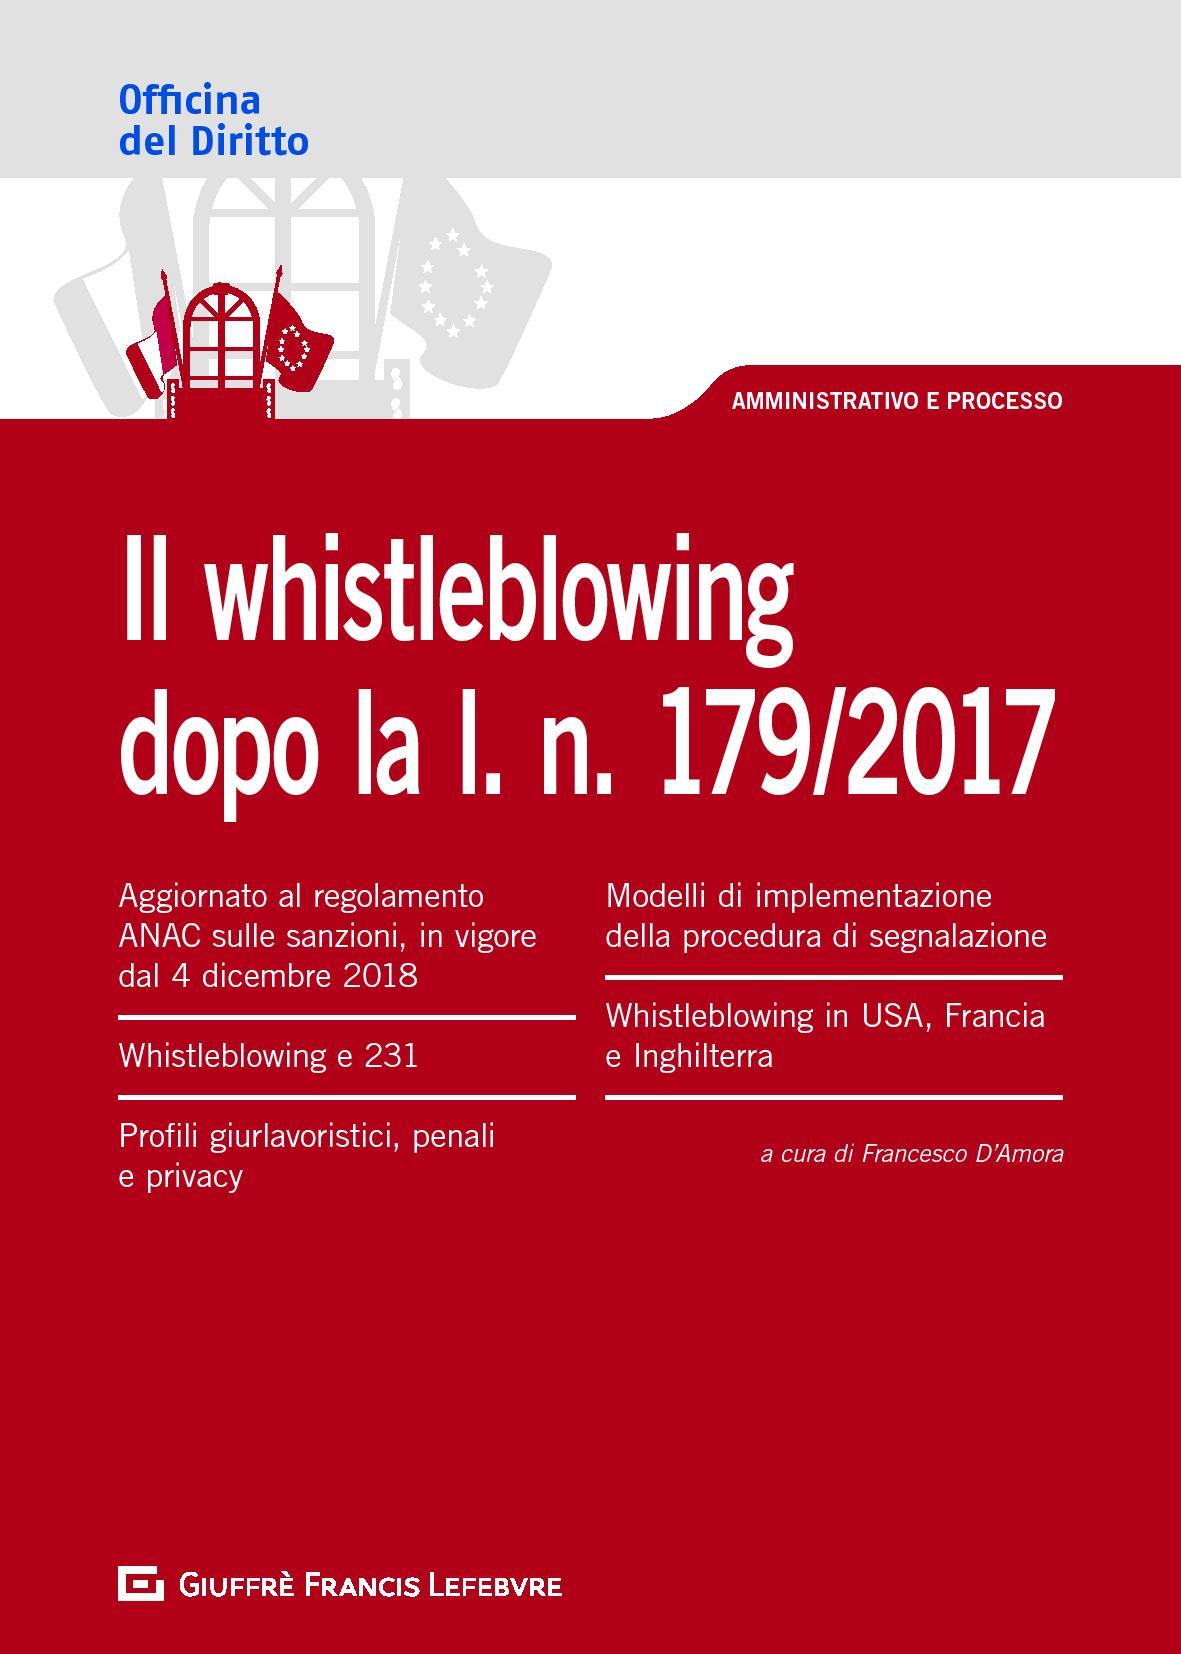 Il whistleblowing dopo la l. n. 179/2017